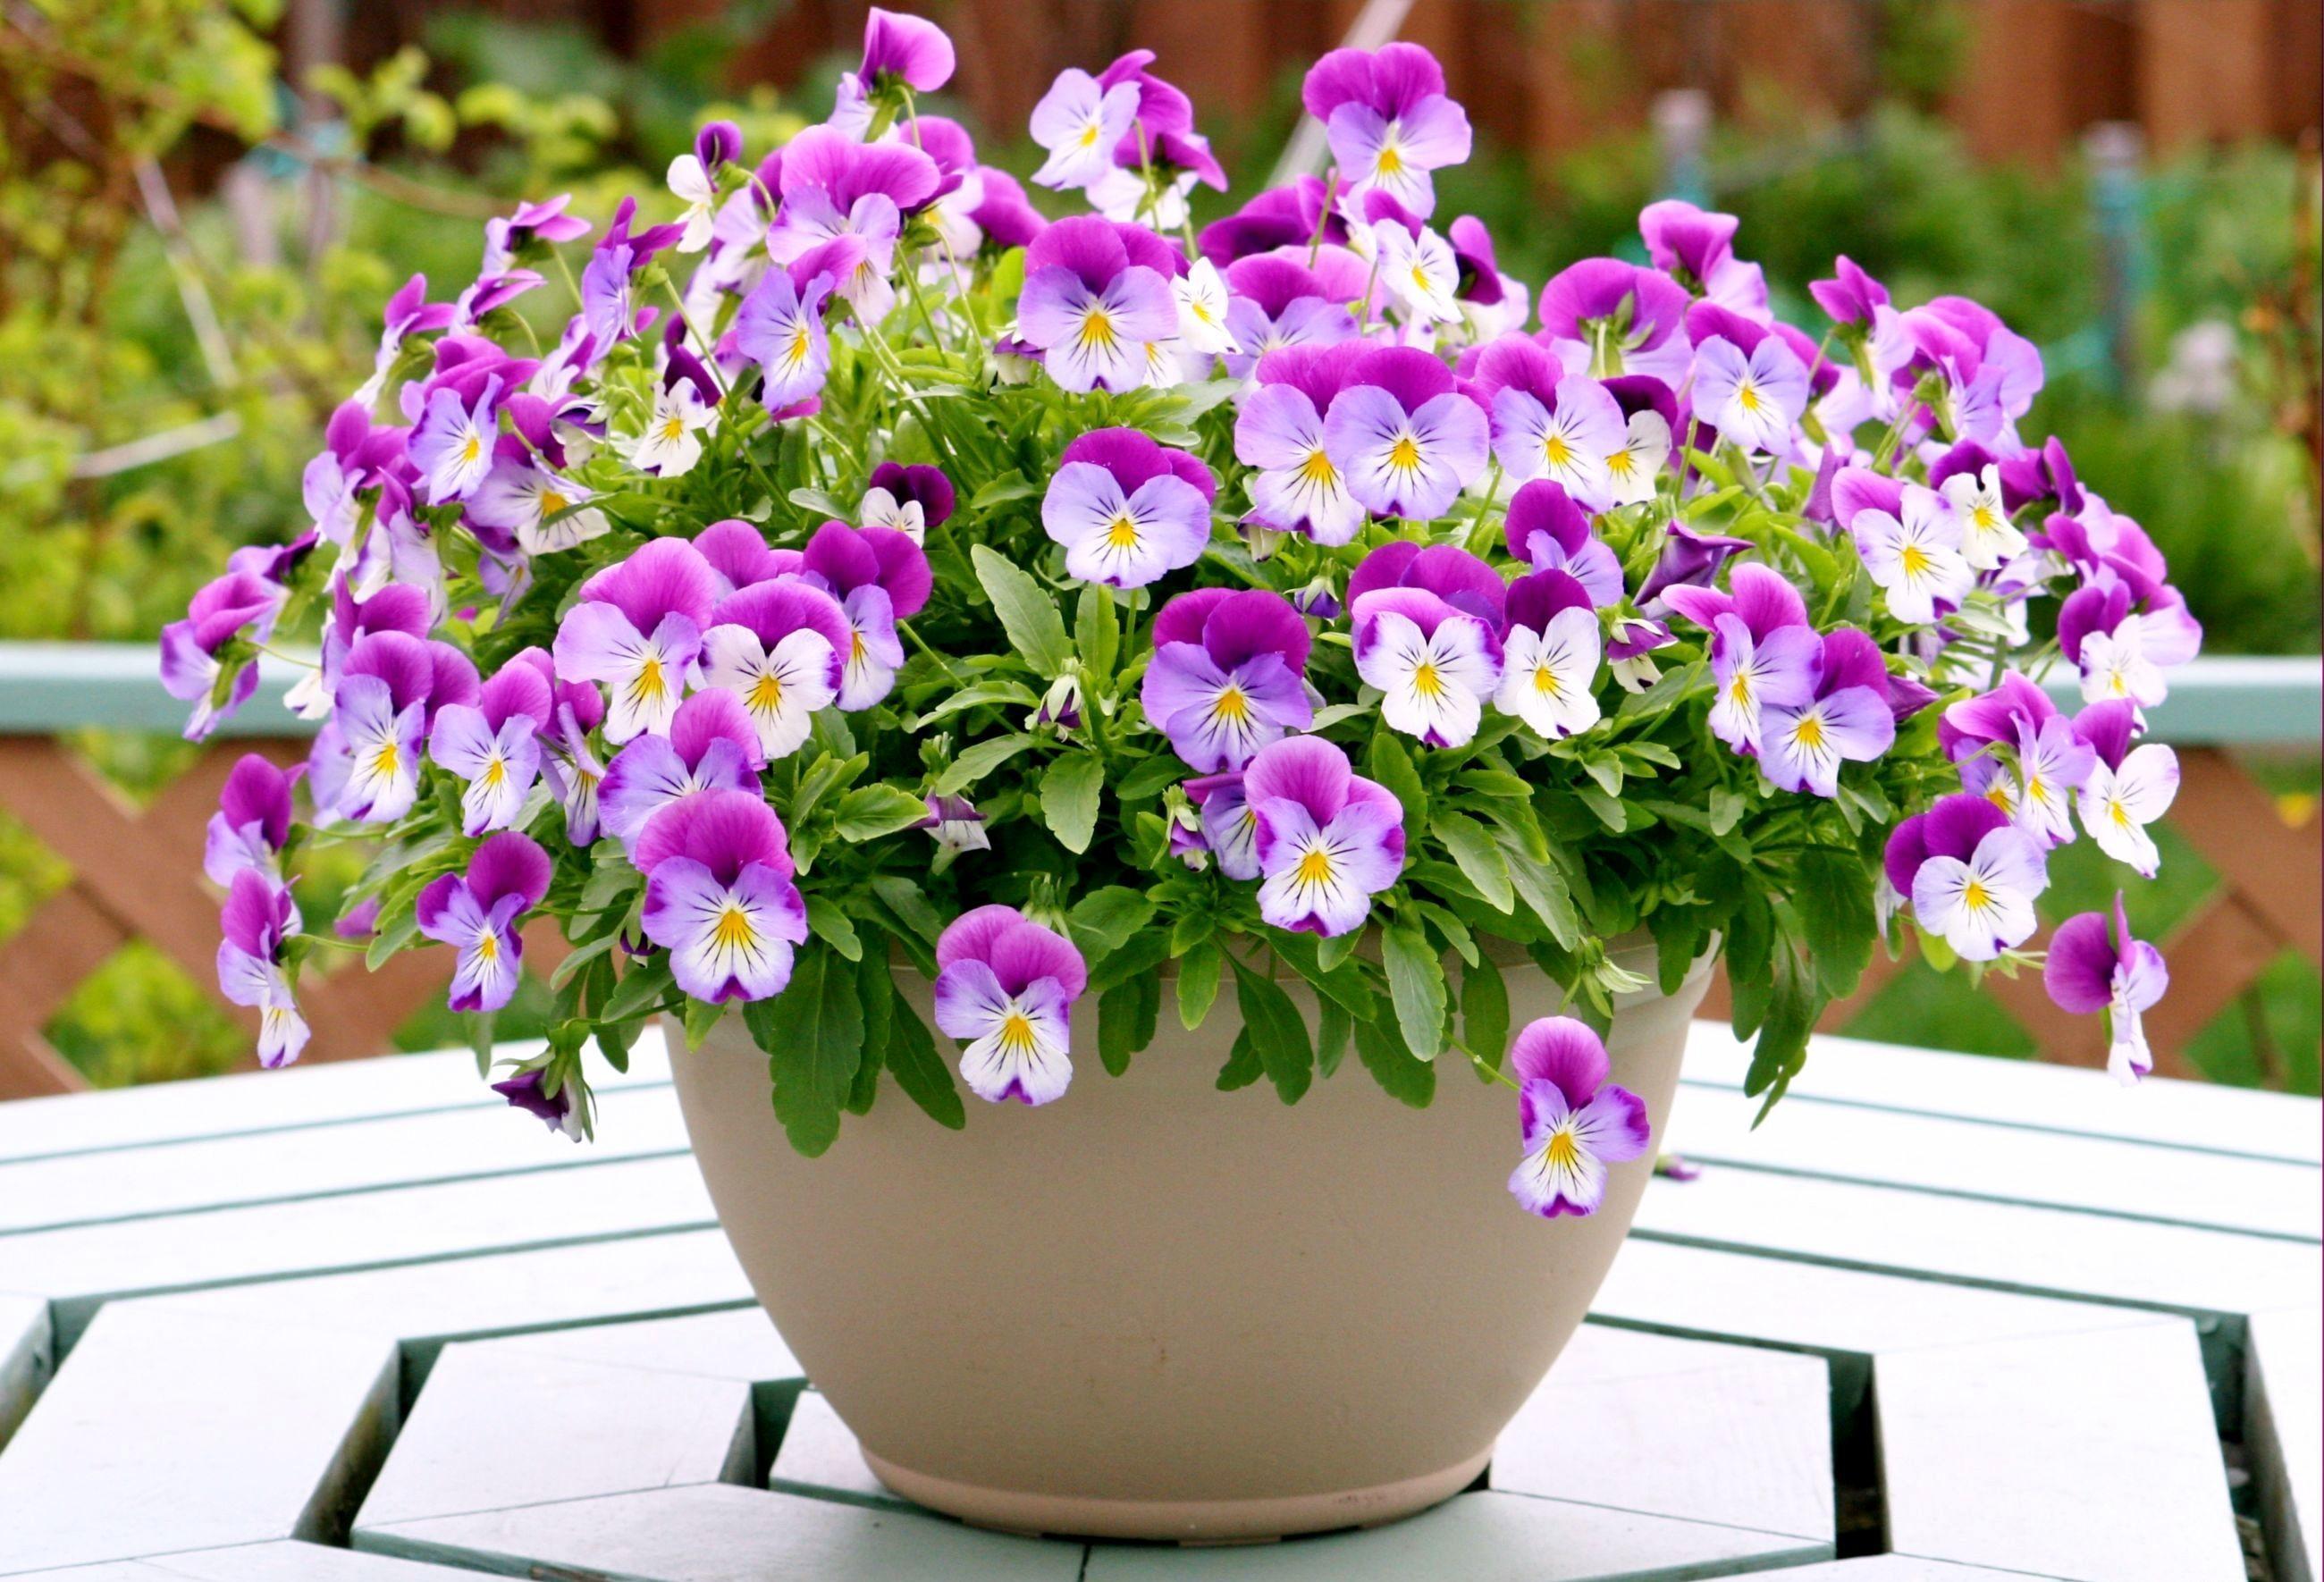 pansies flowers pots table & Wallpaper : pansies flowers pots table 2600x1770 - wallpaperUp ...